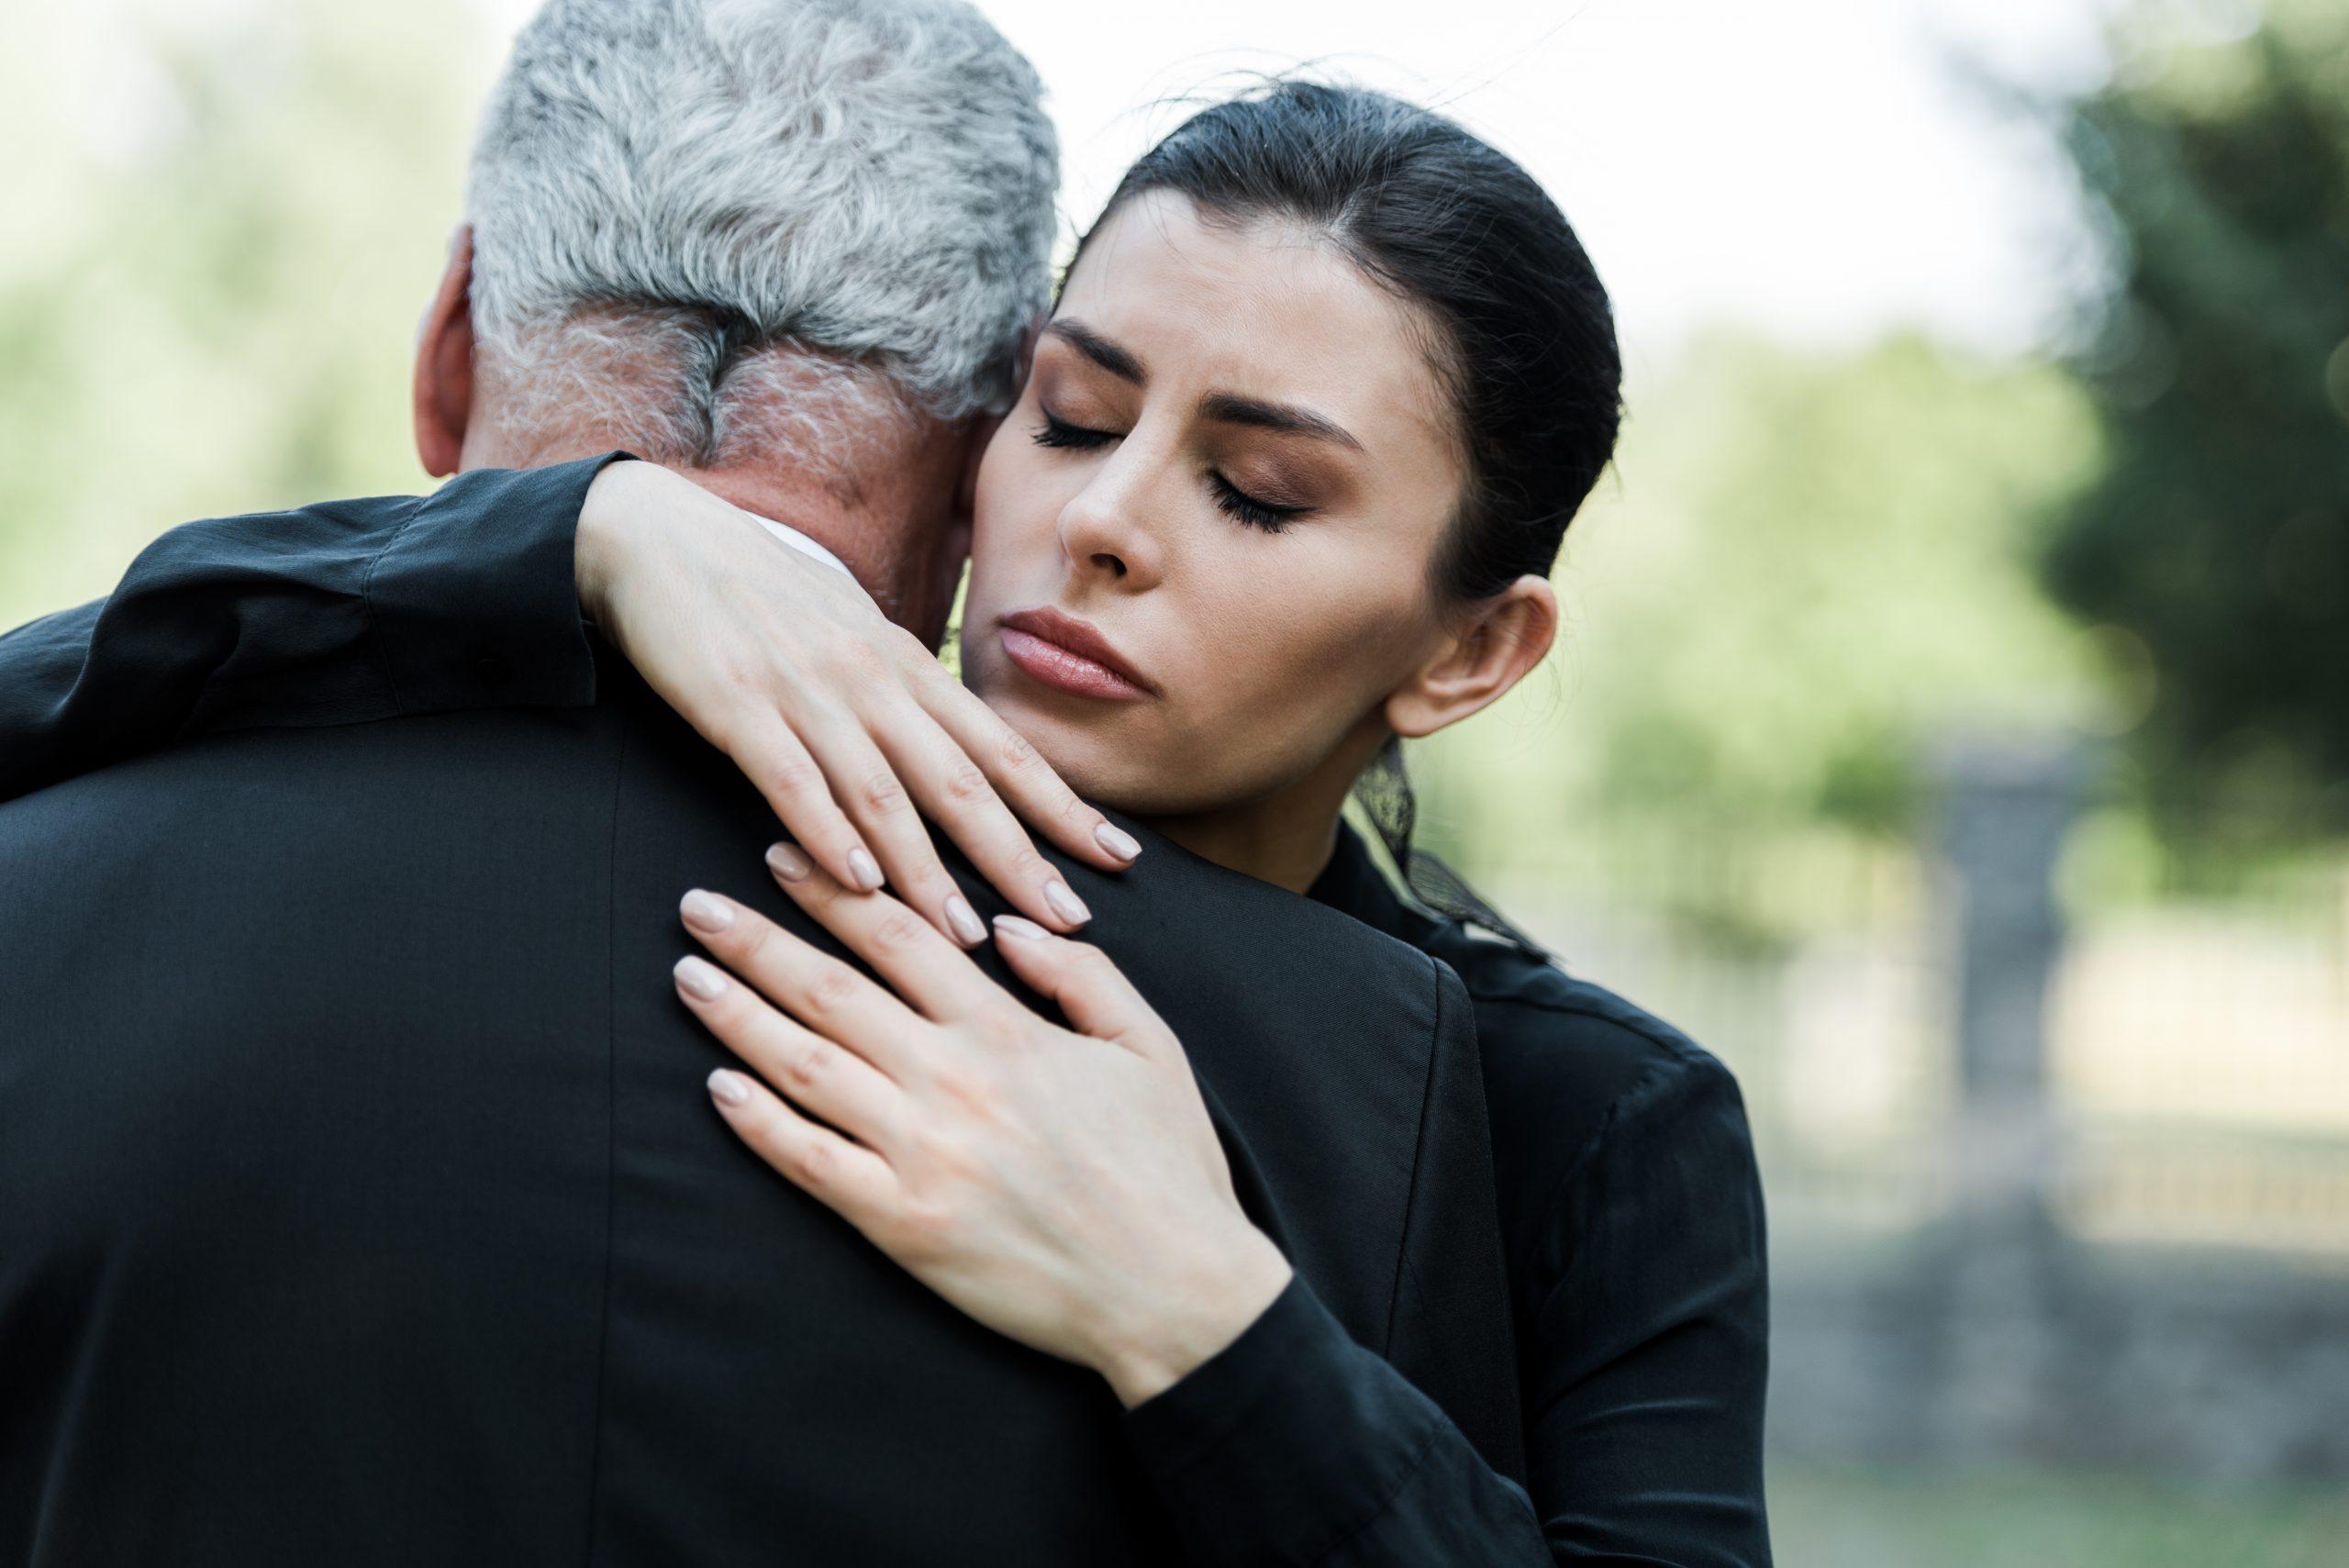 Schwarz gekleideter Mann umarmt eine Frau bei einer Beerdigung